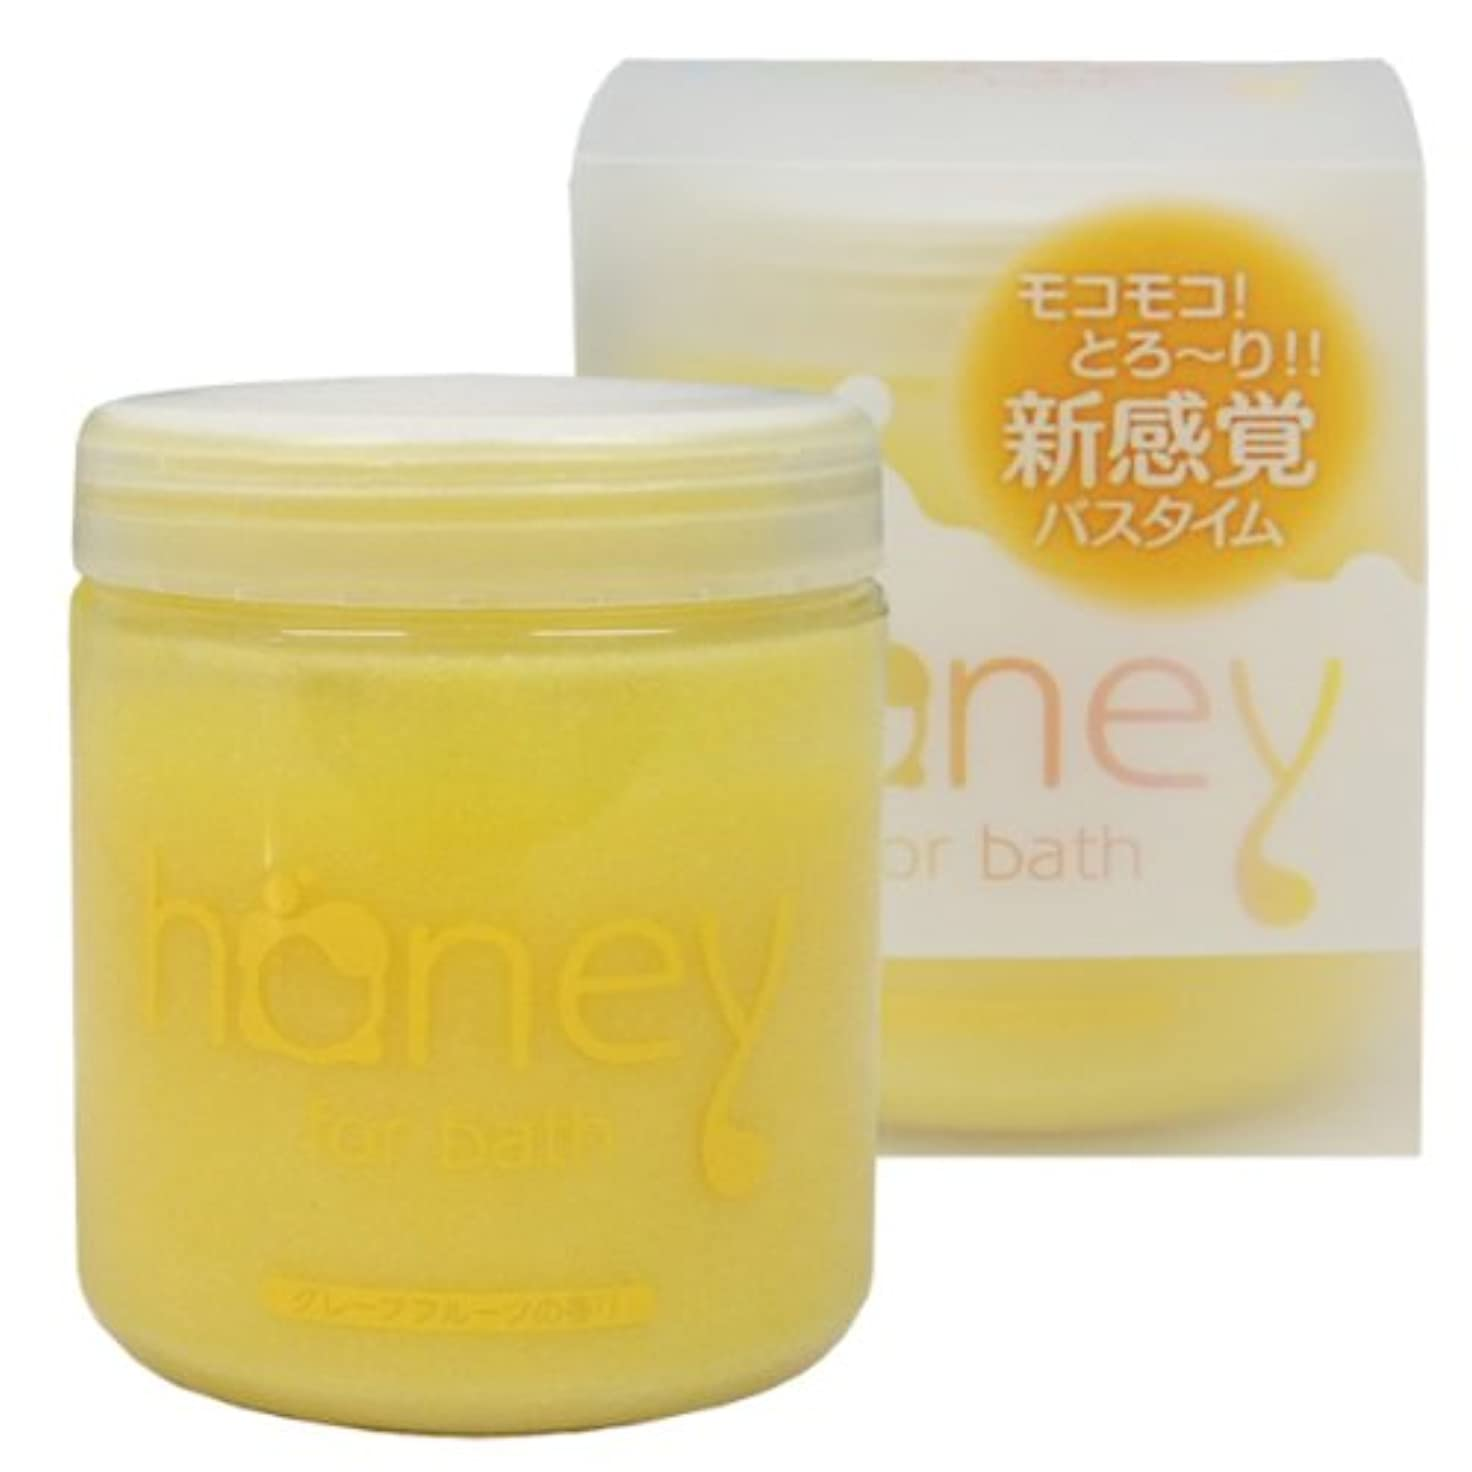 取得行商洗剤とろとろ入浴剤【honey】(ハニー) イエロー グレープフルーツの香り 泡タイプ ローション バブルバス